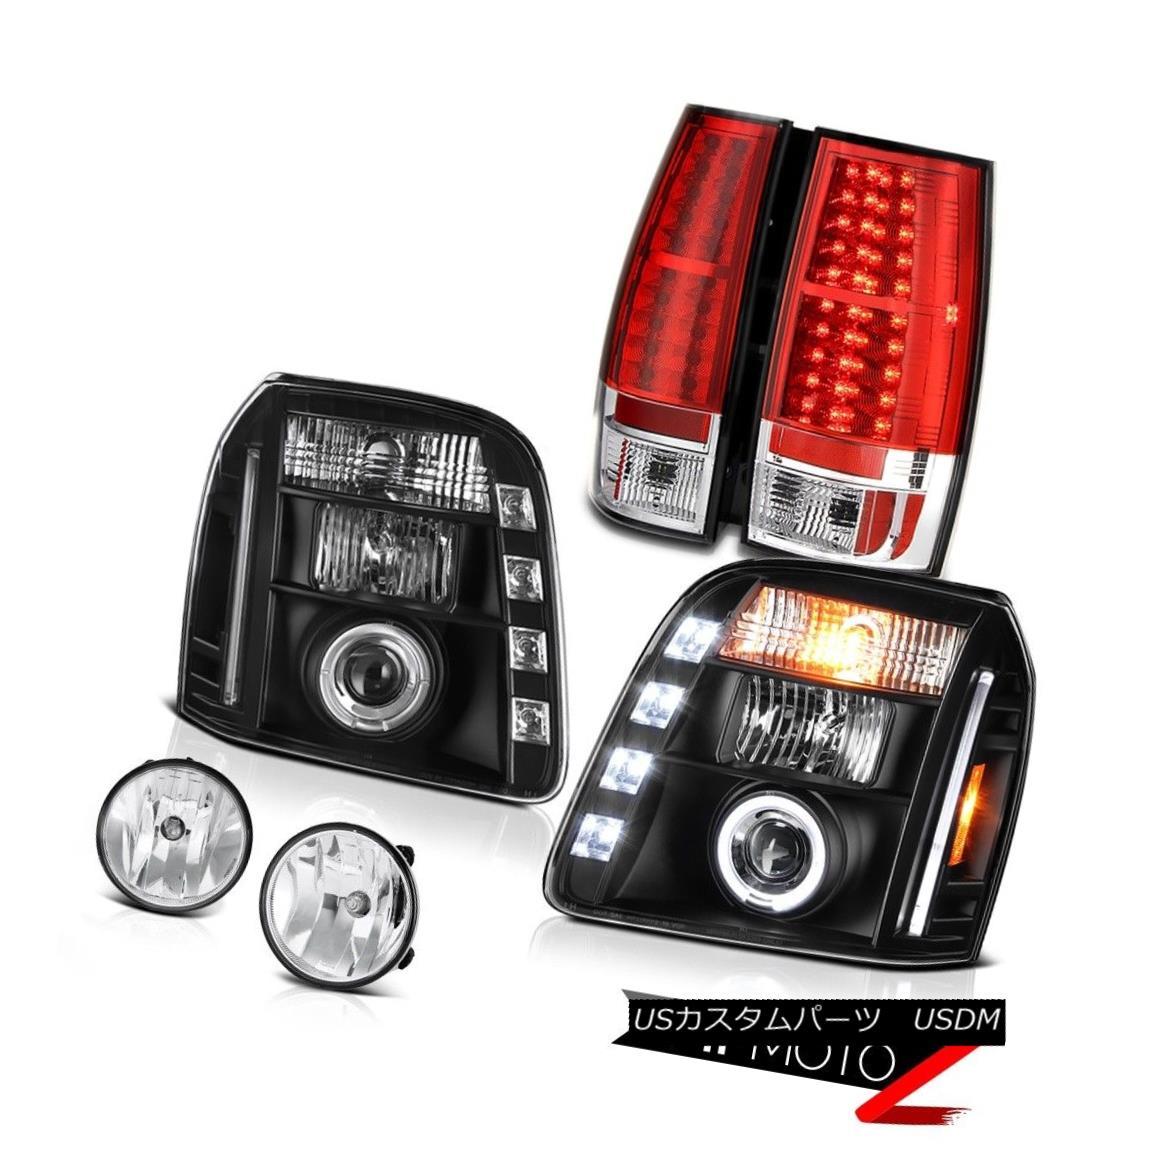 テールライト 07-14 GMC Yukon Denali Chrome Fog Lamps Red Tail Brake Inky Black Headlights LED 07-14 GMCユーコンデナリクロームフォグランプレッドテールブレーキインキブラックヘッドライトLED